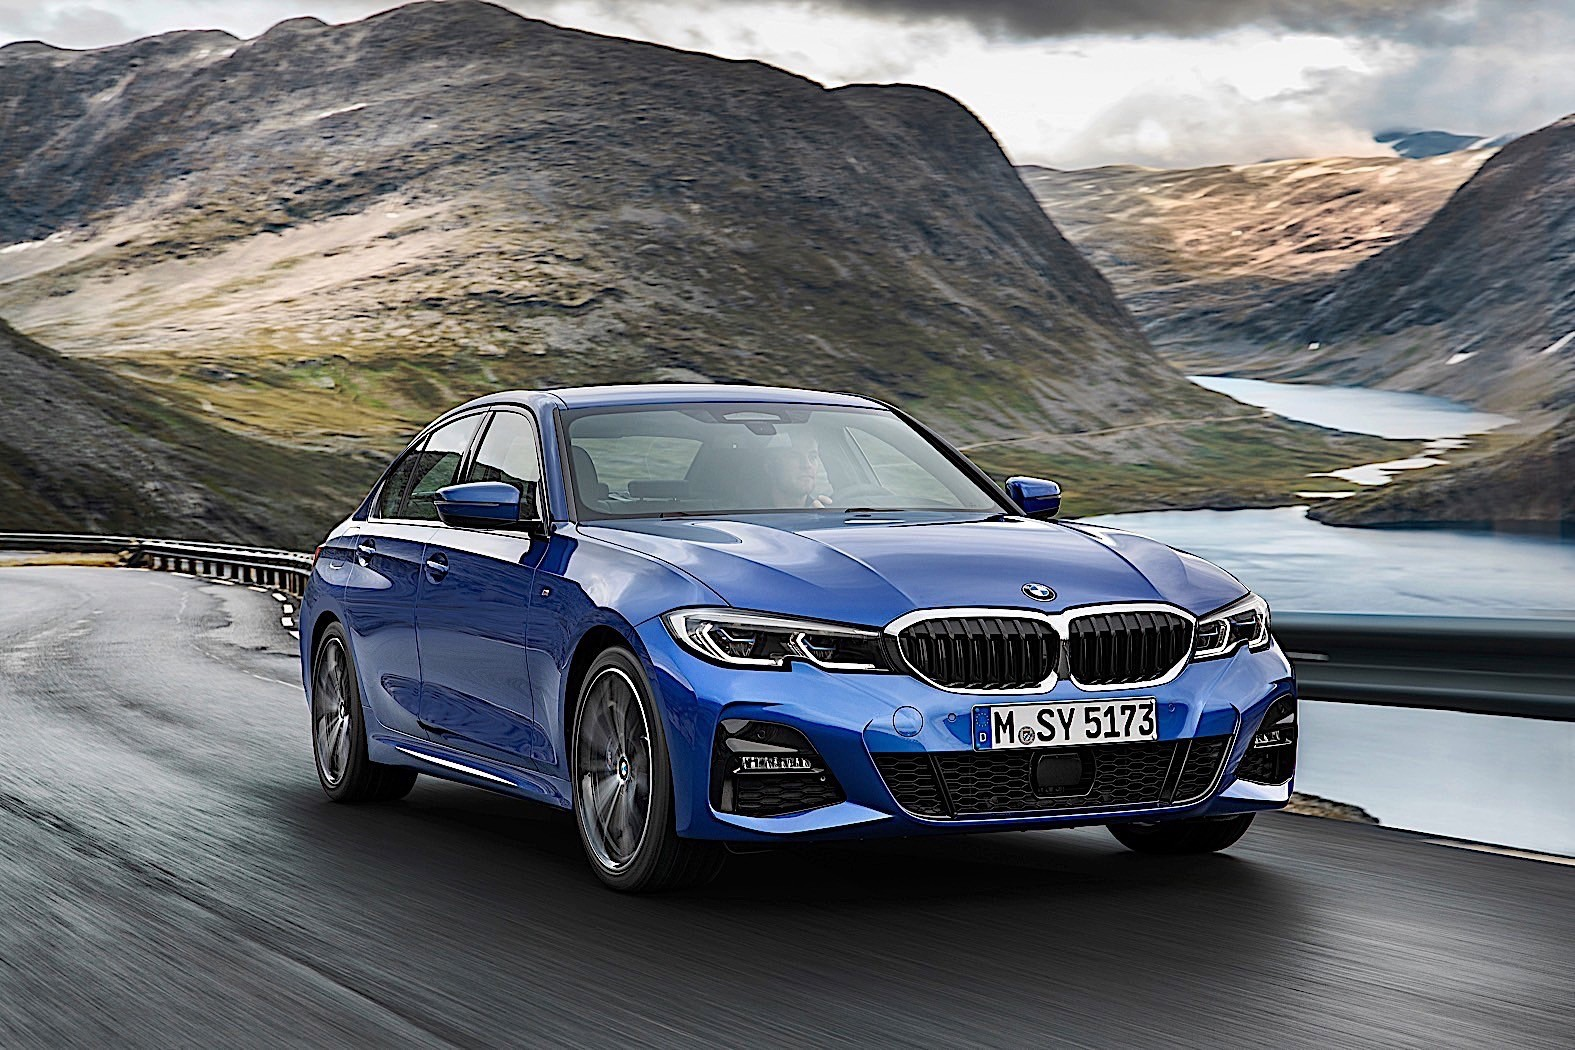 Giá xe ô tô BMW tháng 3/2020: Nhiều ưu đãi hấp dẫn